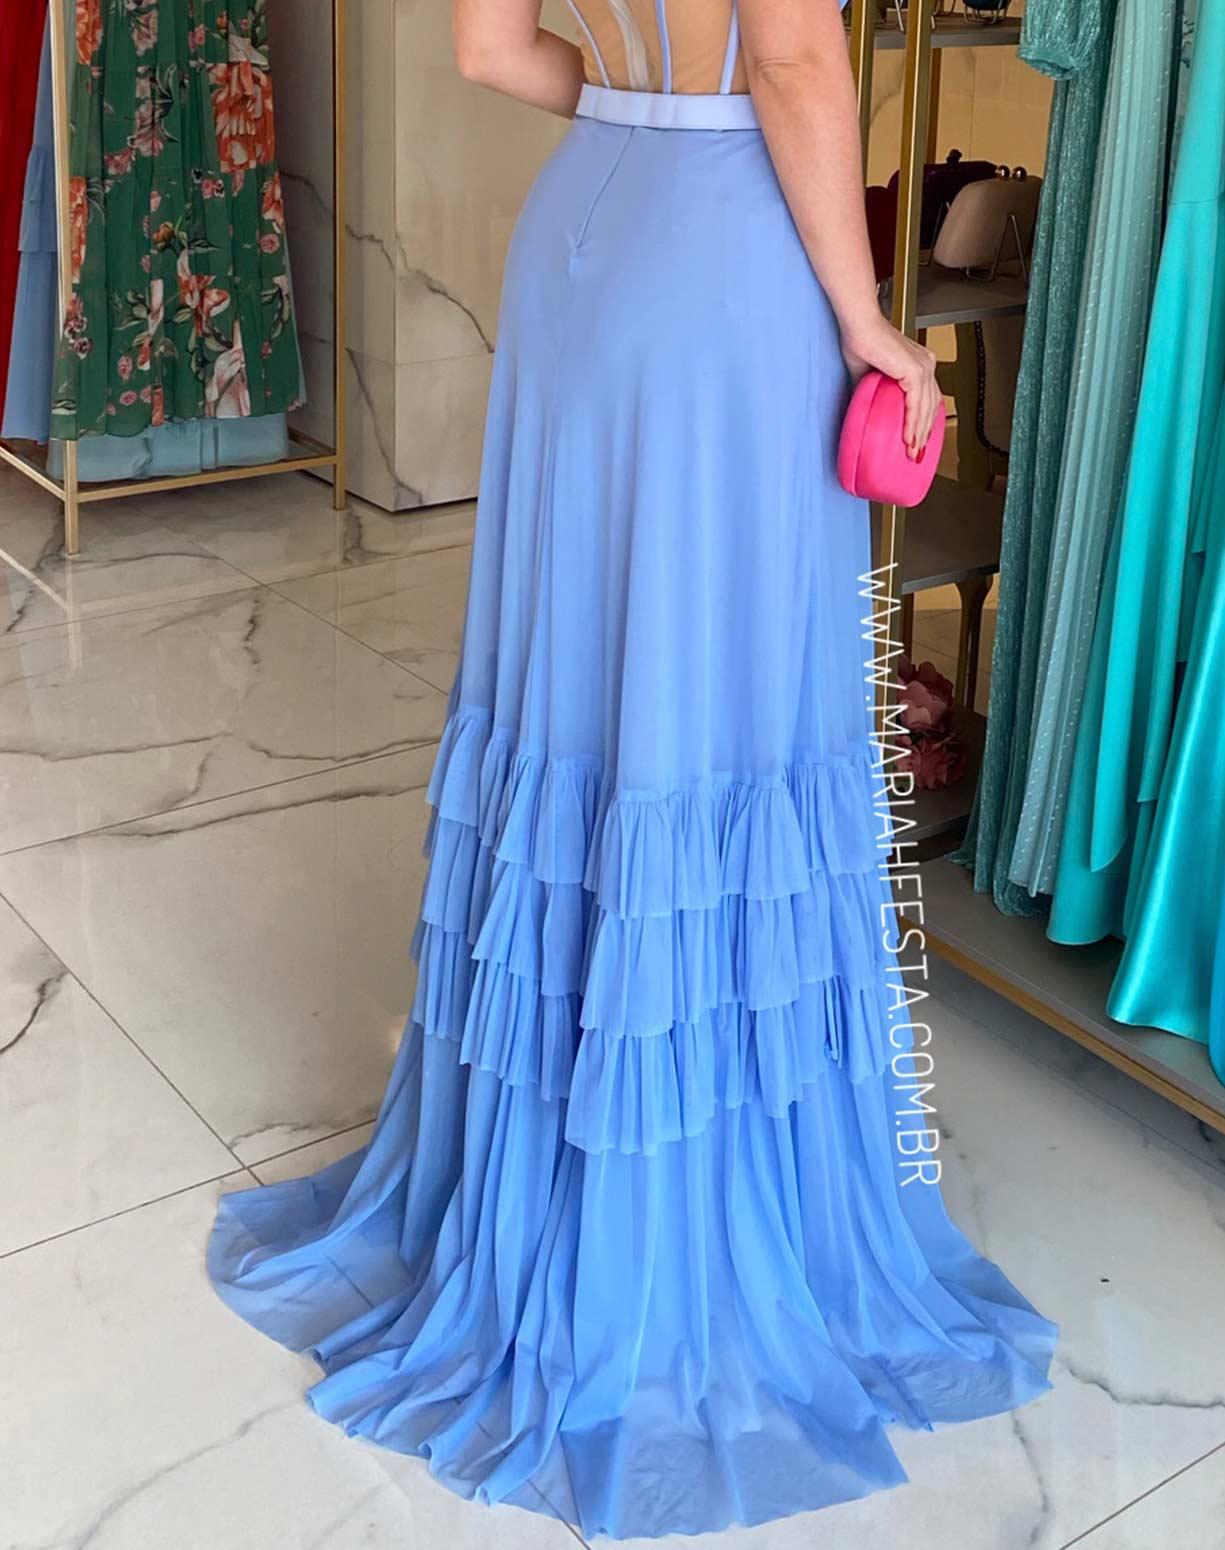 Vestido Azul Serenity em Tule com Corpete em Transparência